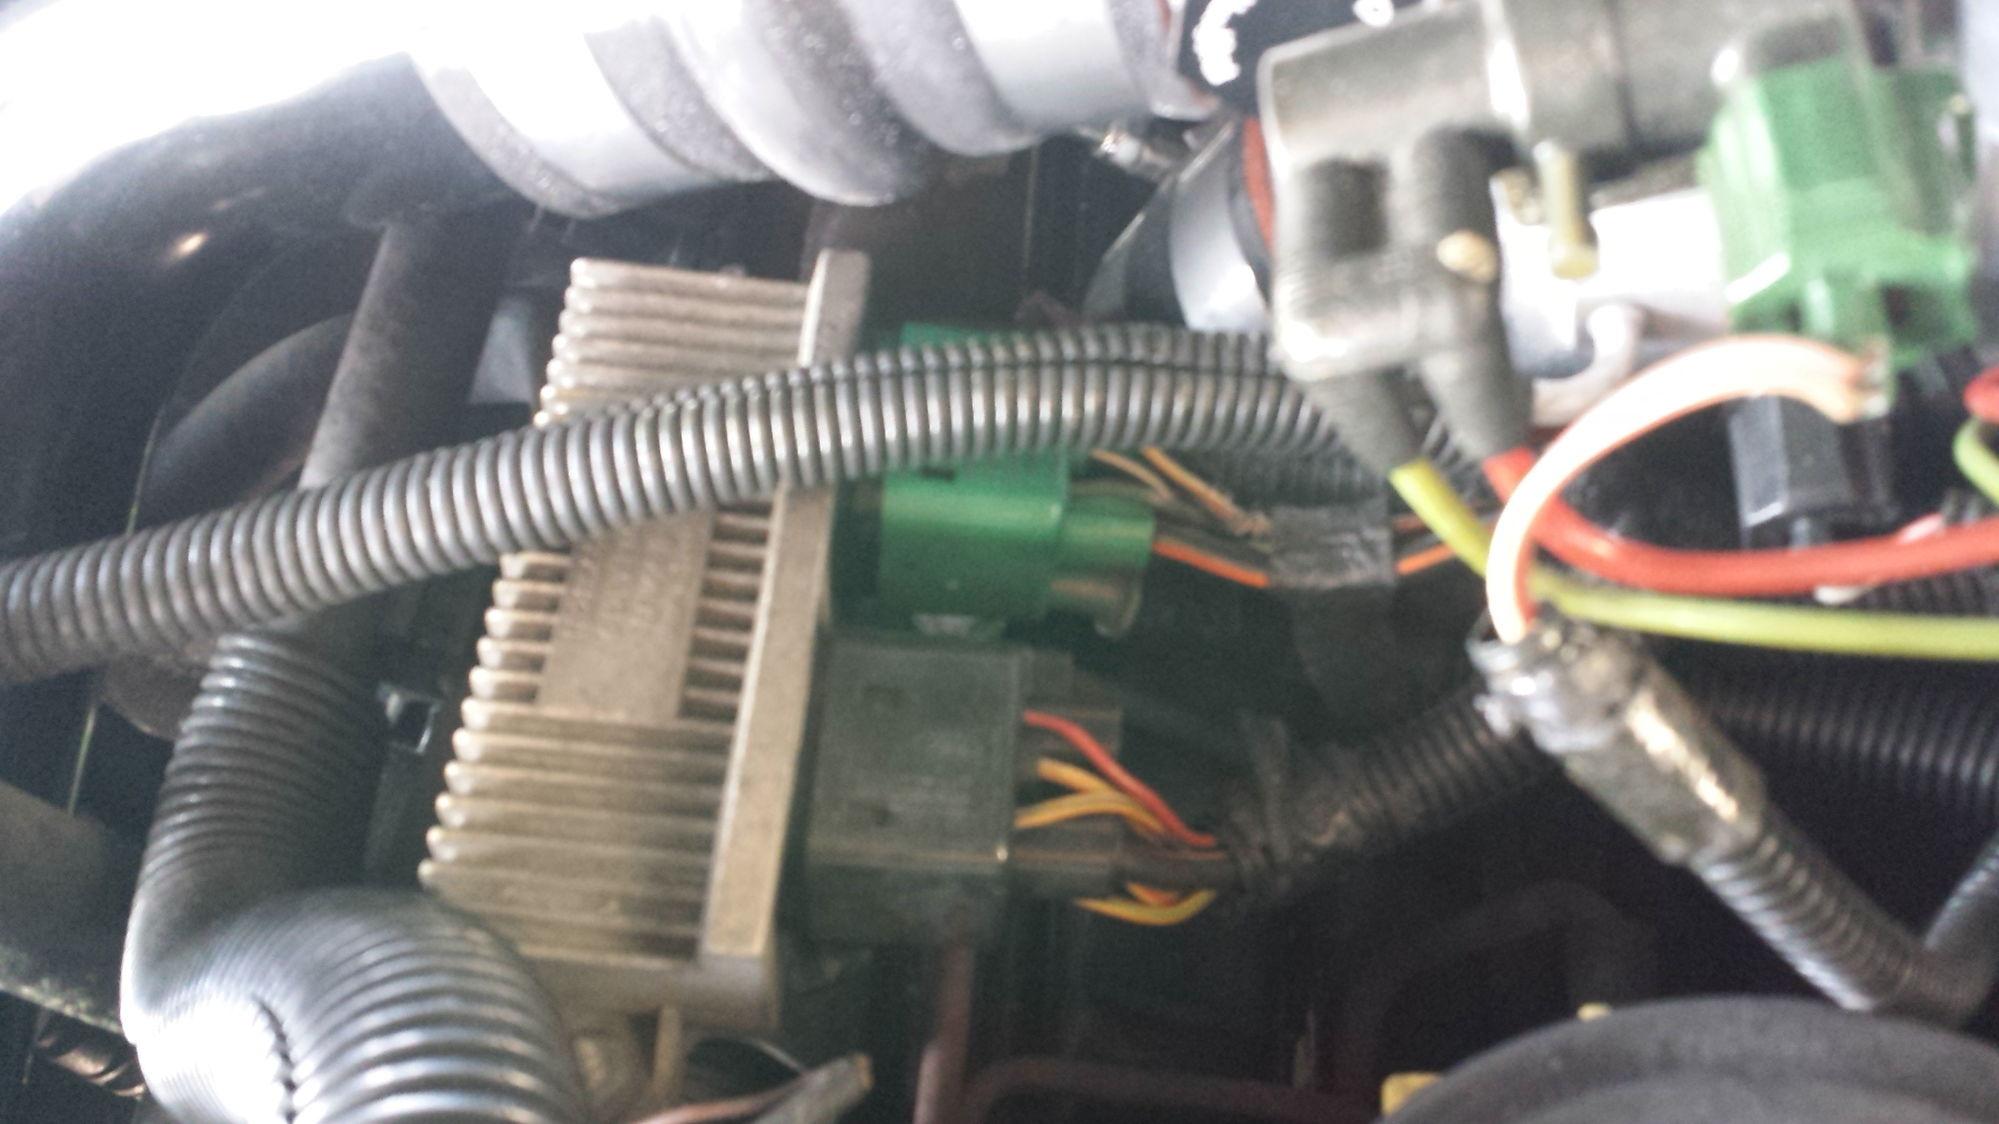 Testing Glow Plug Module